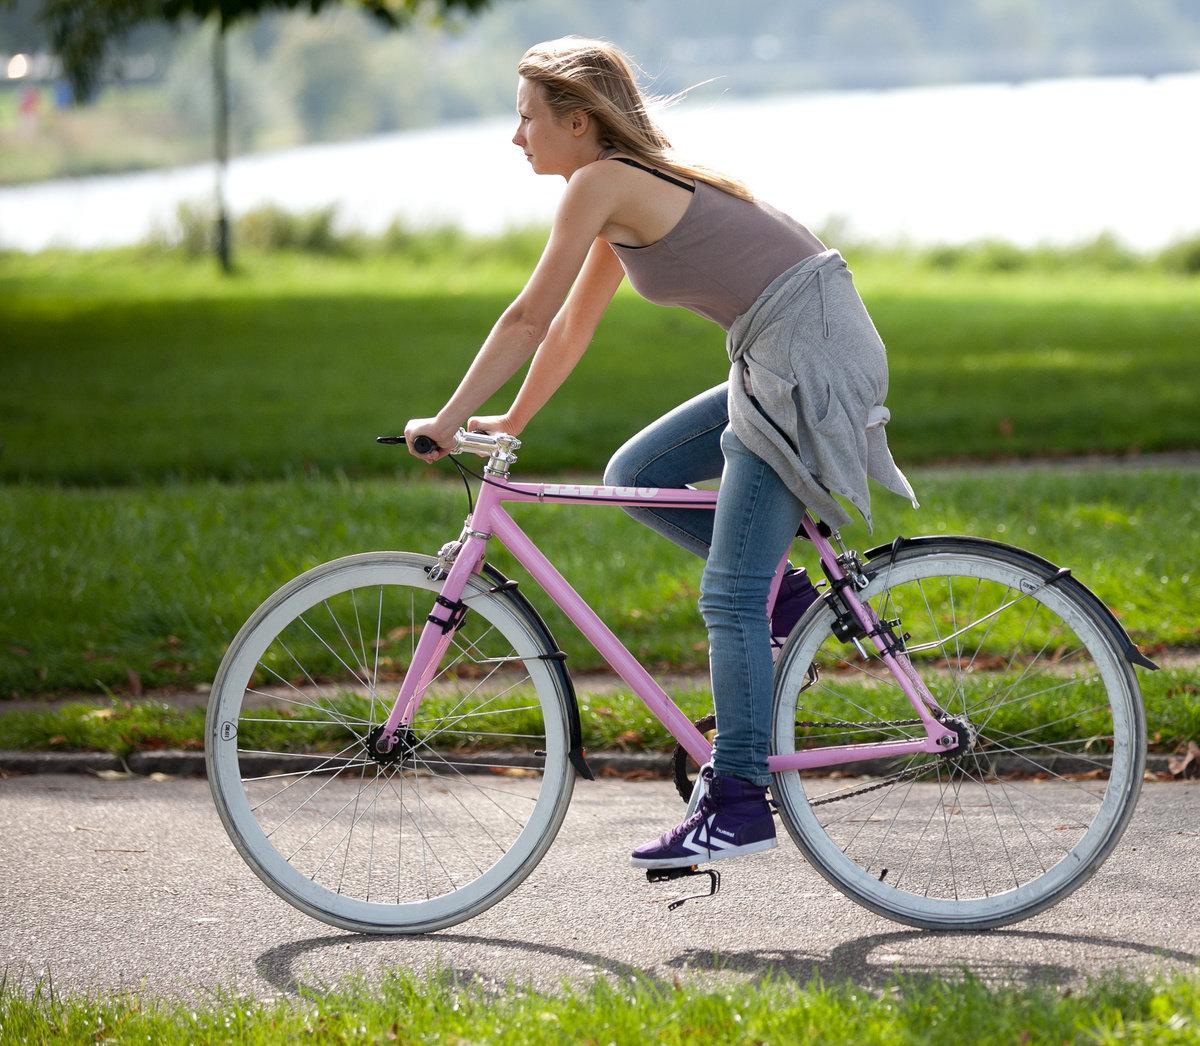 Велотренажеры для похудения: поможет ли, какие мышцы тренирует тренажер велосипед